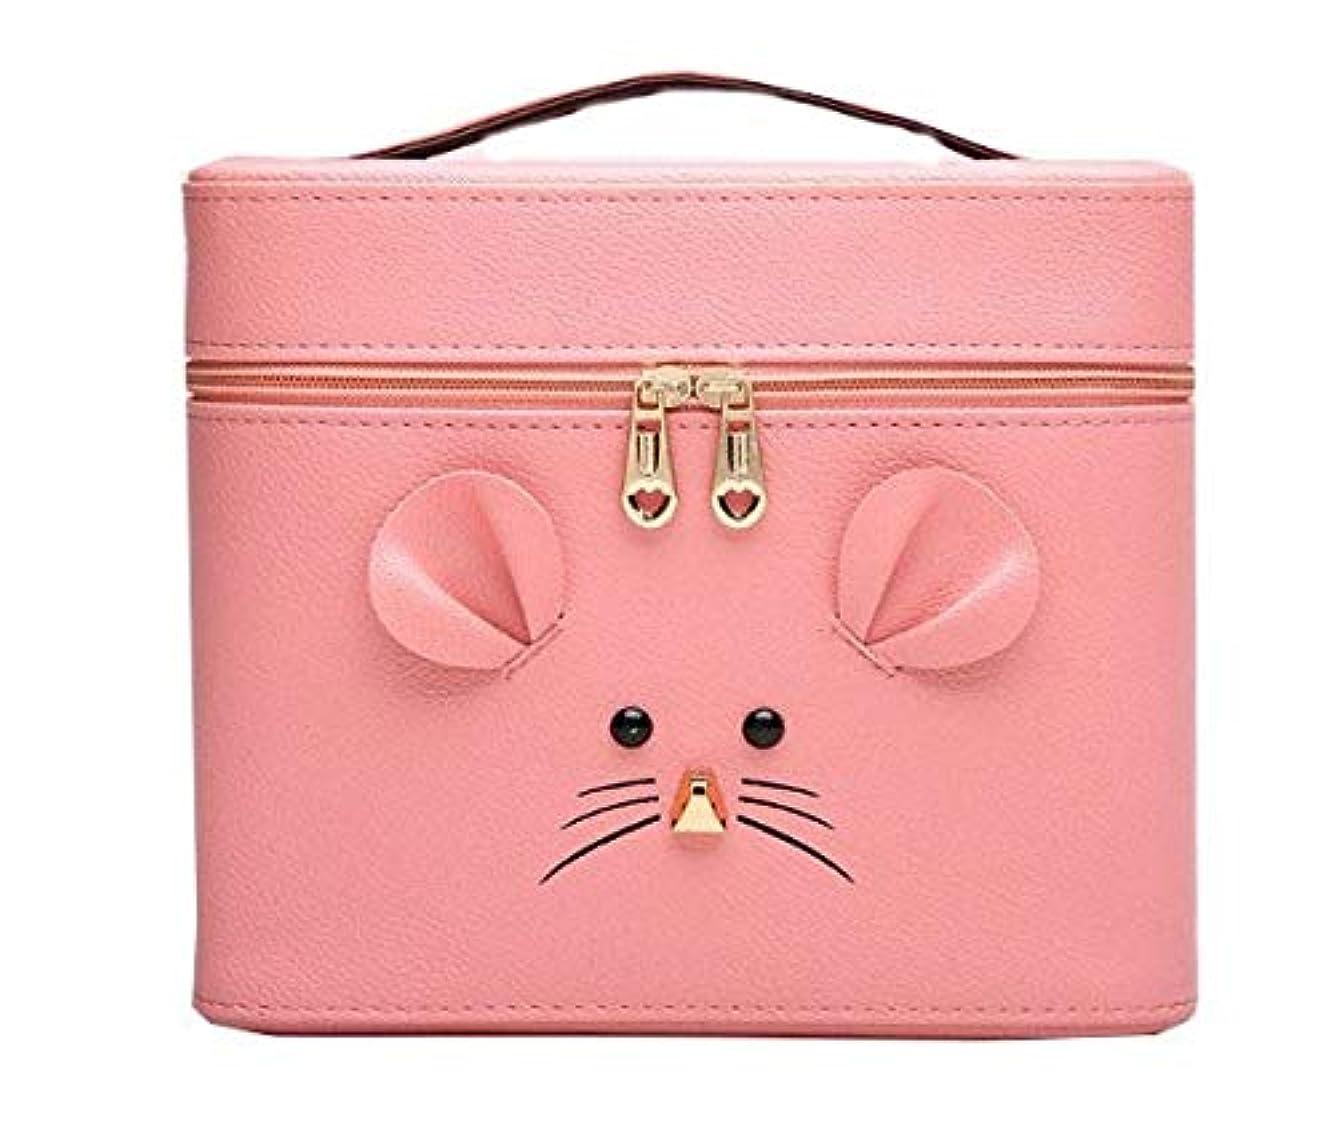 フィールド結婚したモック化粧箱、ピンクの漫画のマウスの化粧箱、携帯用旅行化粧品の箱、美の釘の宝石類の収納箱 (Size : L)